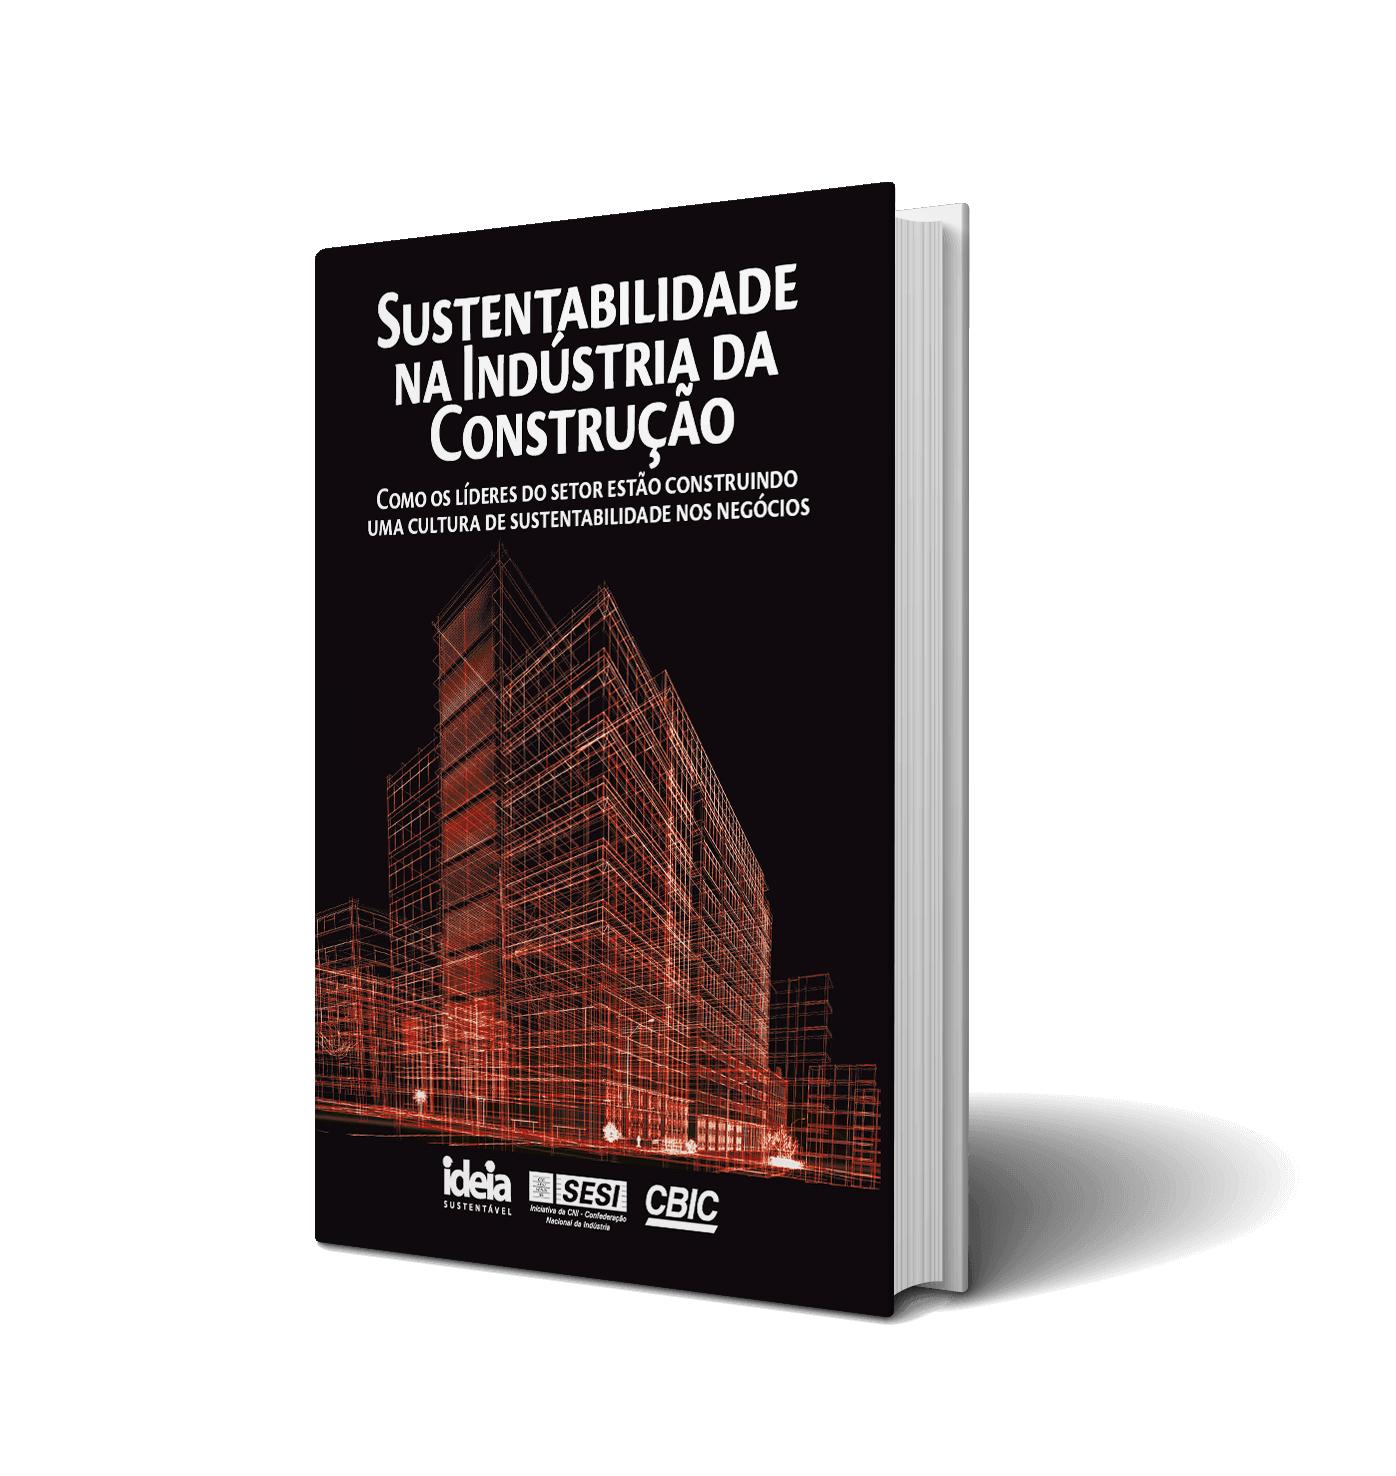 Sustentabilidade na Indústria da Construção - Como os Líderes do Setor Estão Construindo Uma Cultura de Sustentabilidade nos Negócios